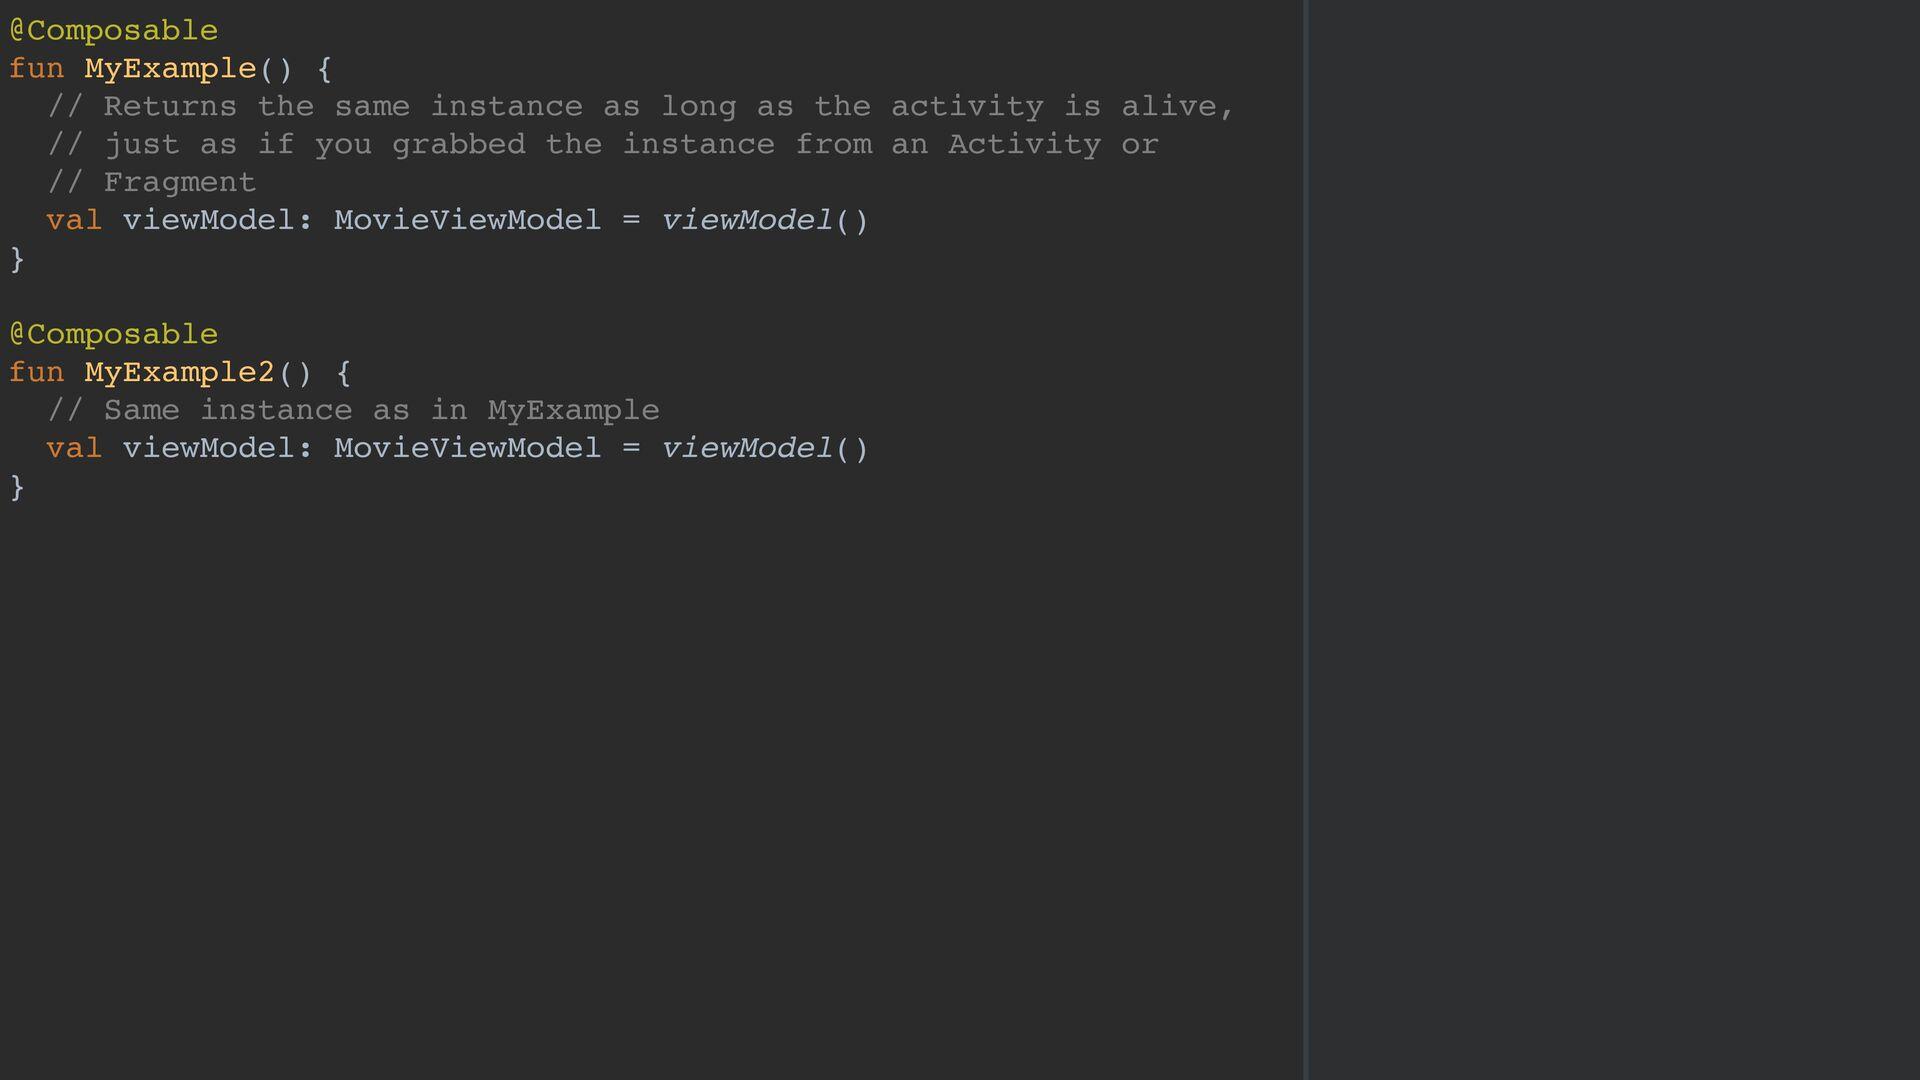 @Composable fun MyExample() { // Returns the sa...